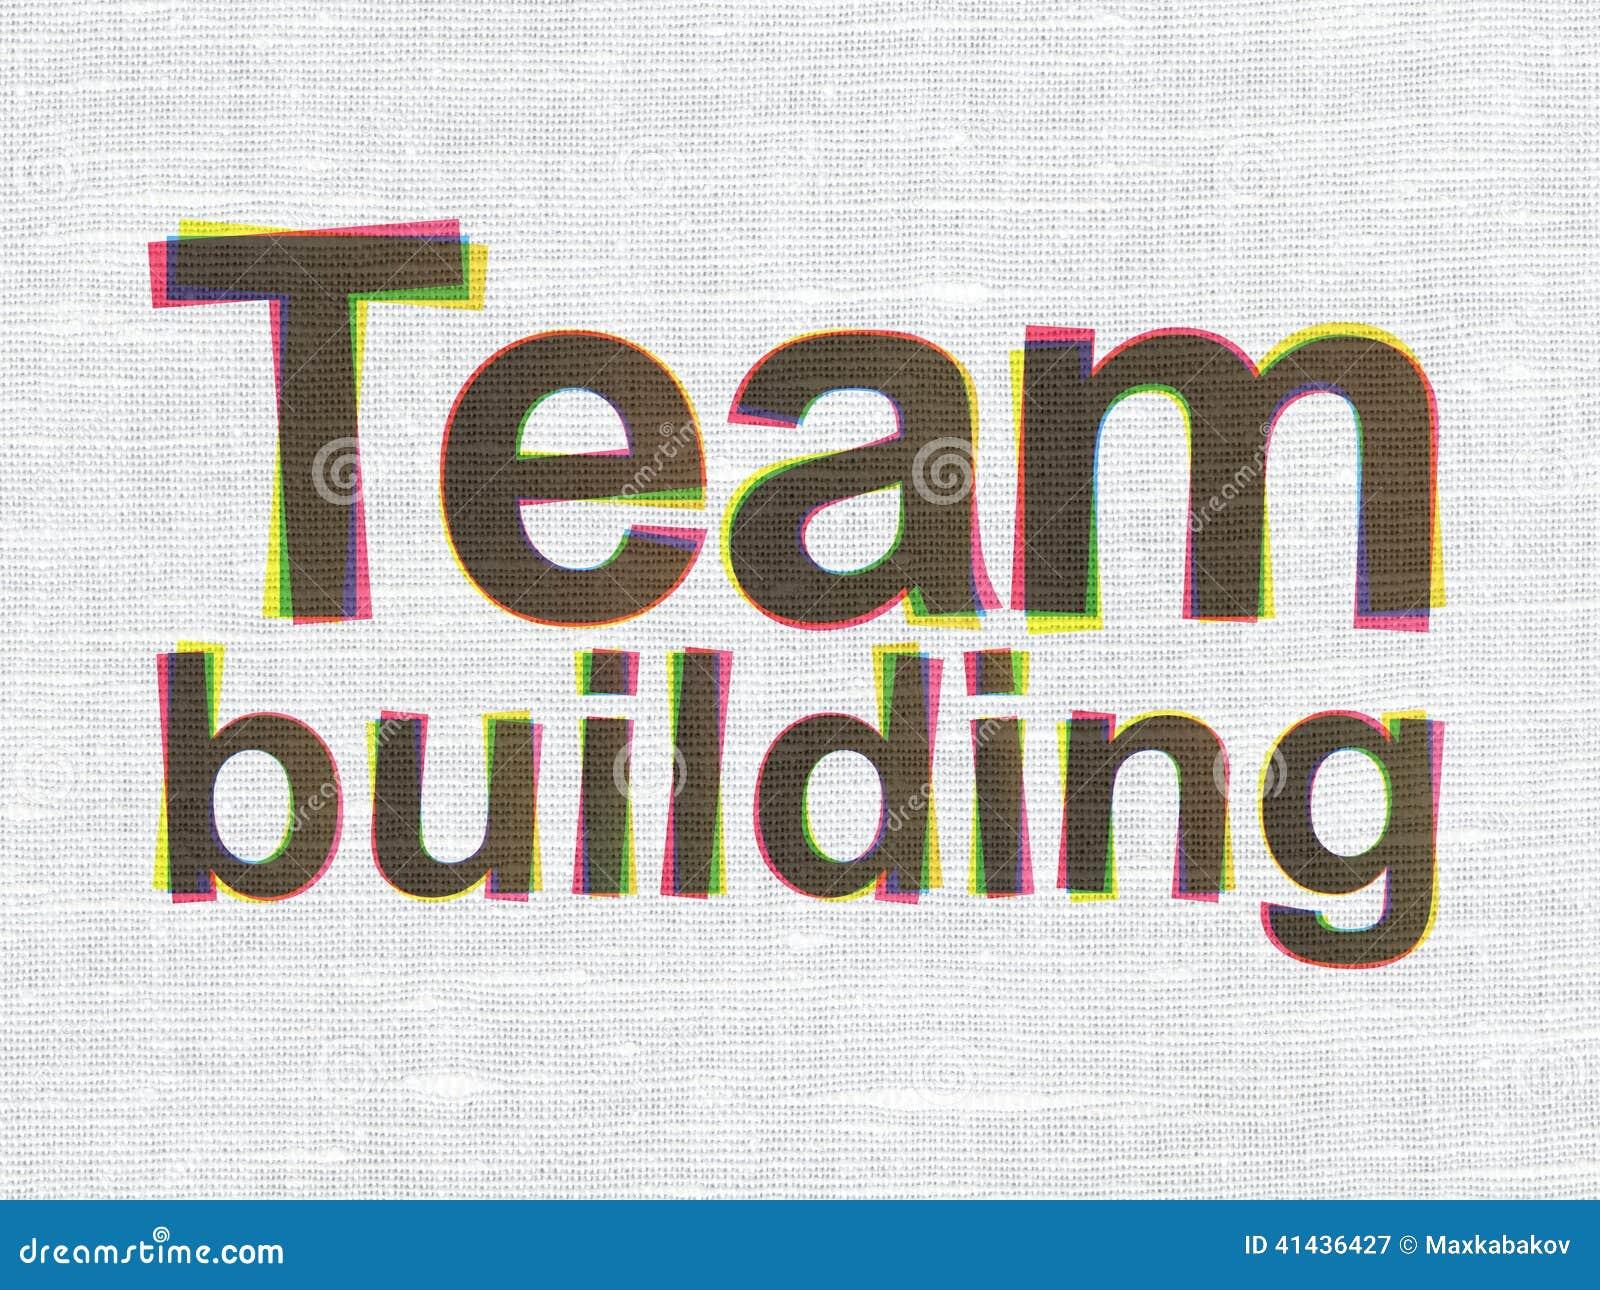 Concept de finances : Team Building sur la texture de tissu